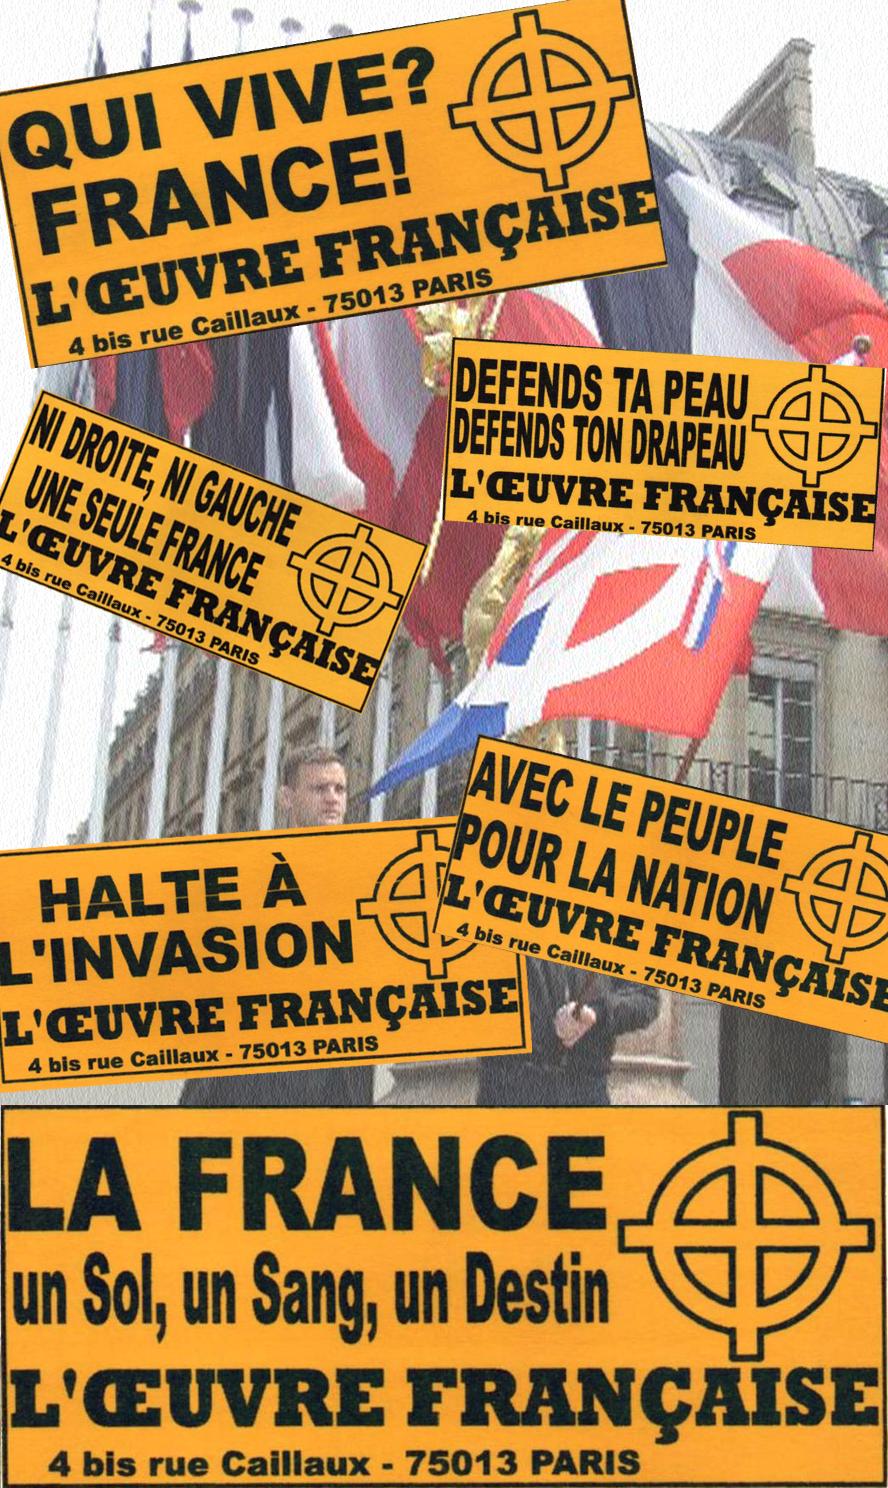 Halte à l'invasion - Défend ta peau, défend ton drapeau - Avec le peuple pour la nation - La France un sol un sang un destin - Ni droite ni gauche, une seule France - Qui vive France ! Autocollants de l'Œuvre française diffusés lors de campagne dans les années 1990